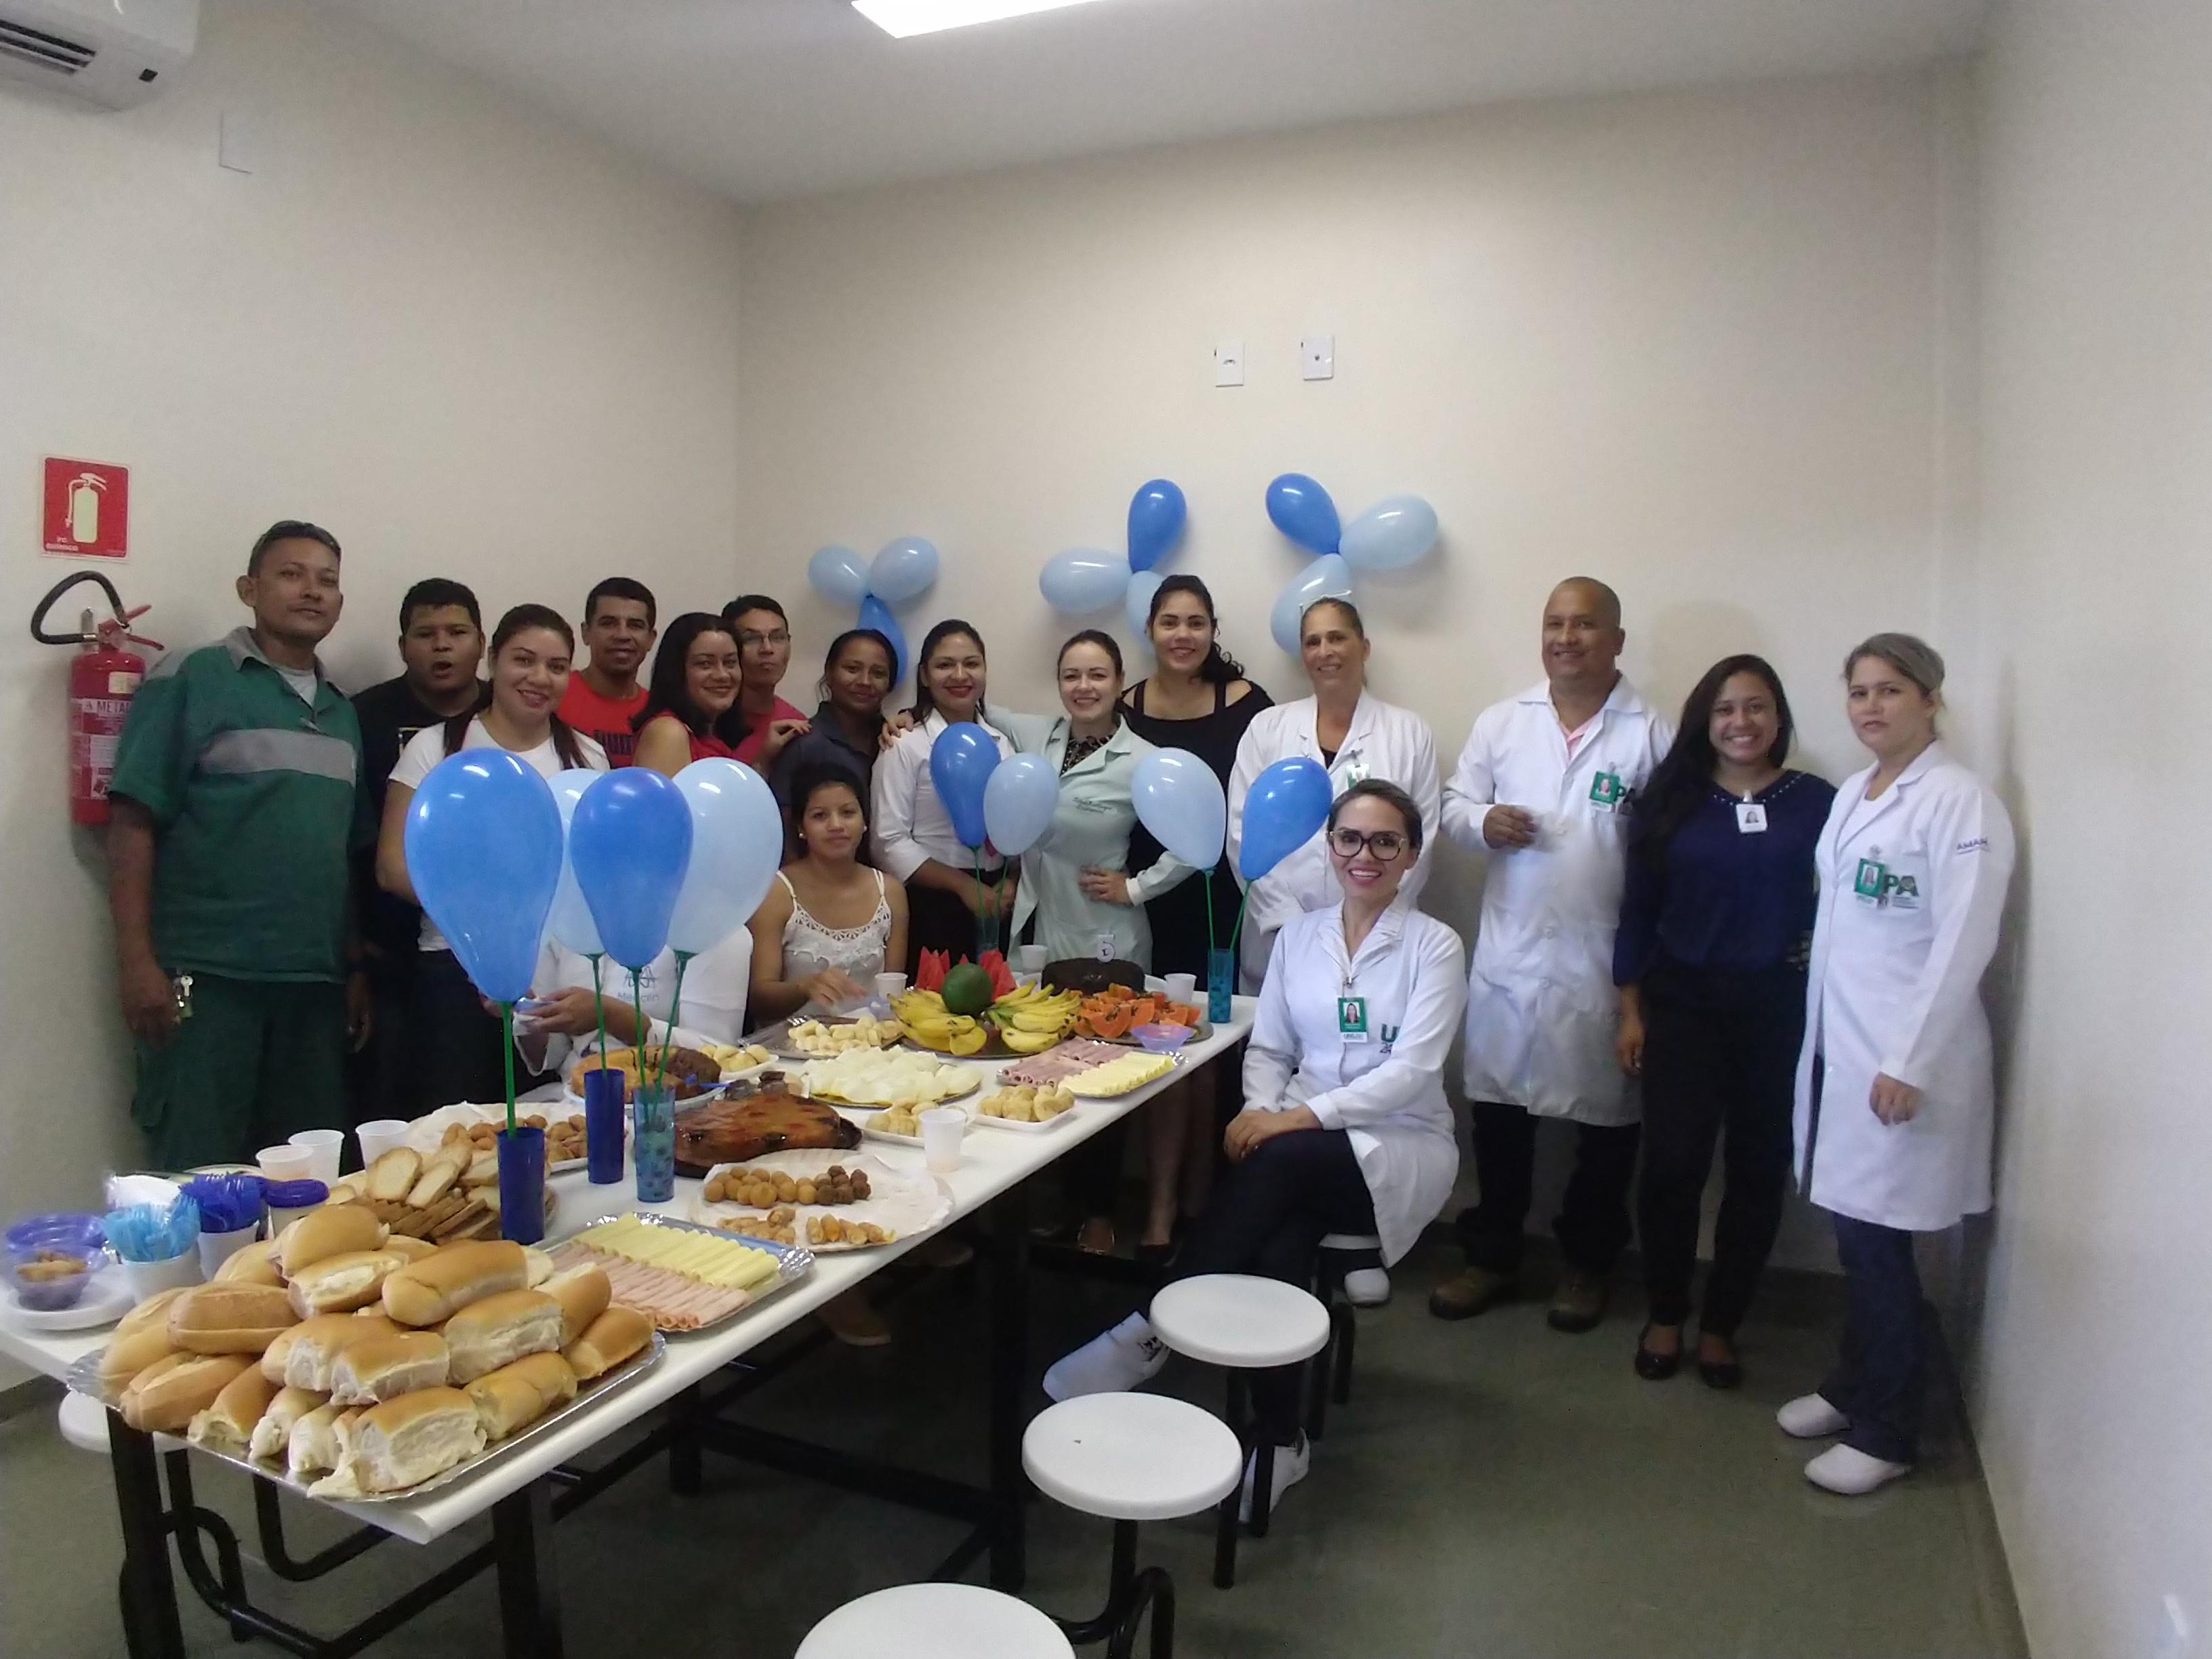 Café da manhã reúne diretores e colaboradores na celebração do aniversário do IBGH em Macapá